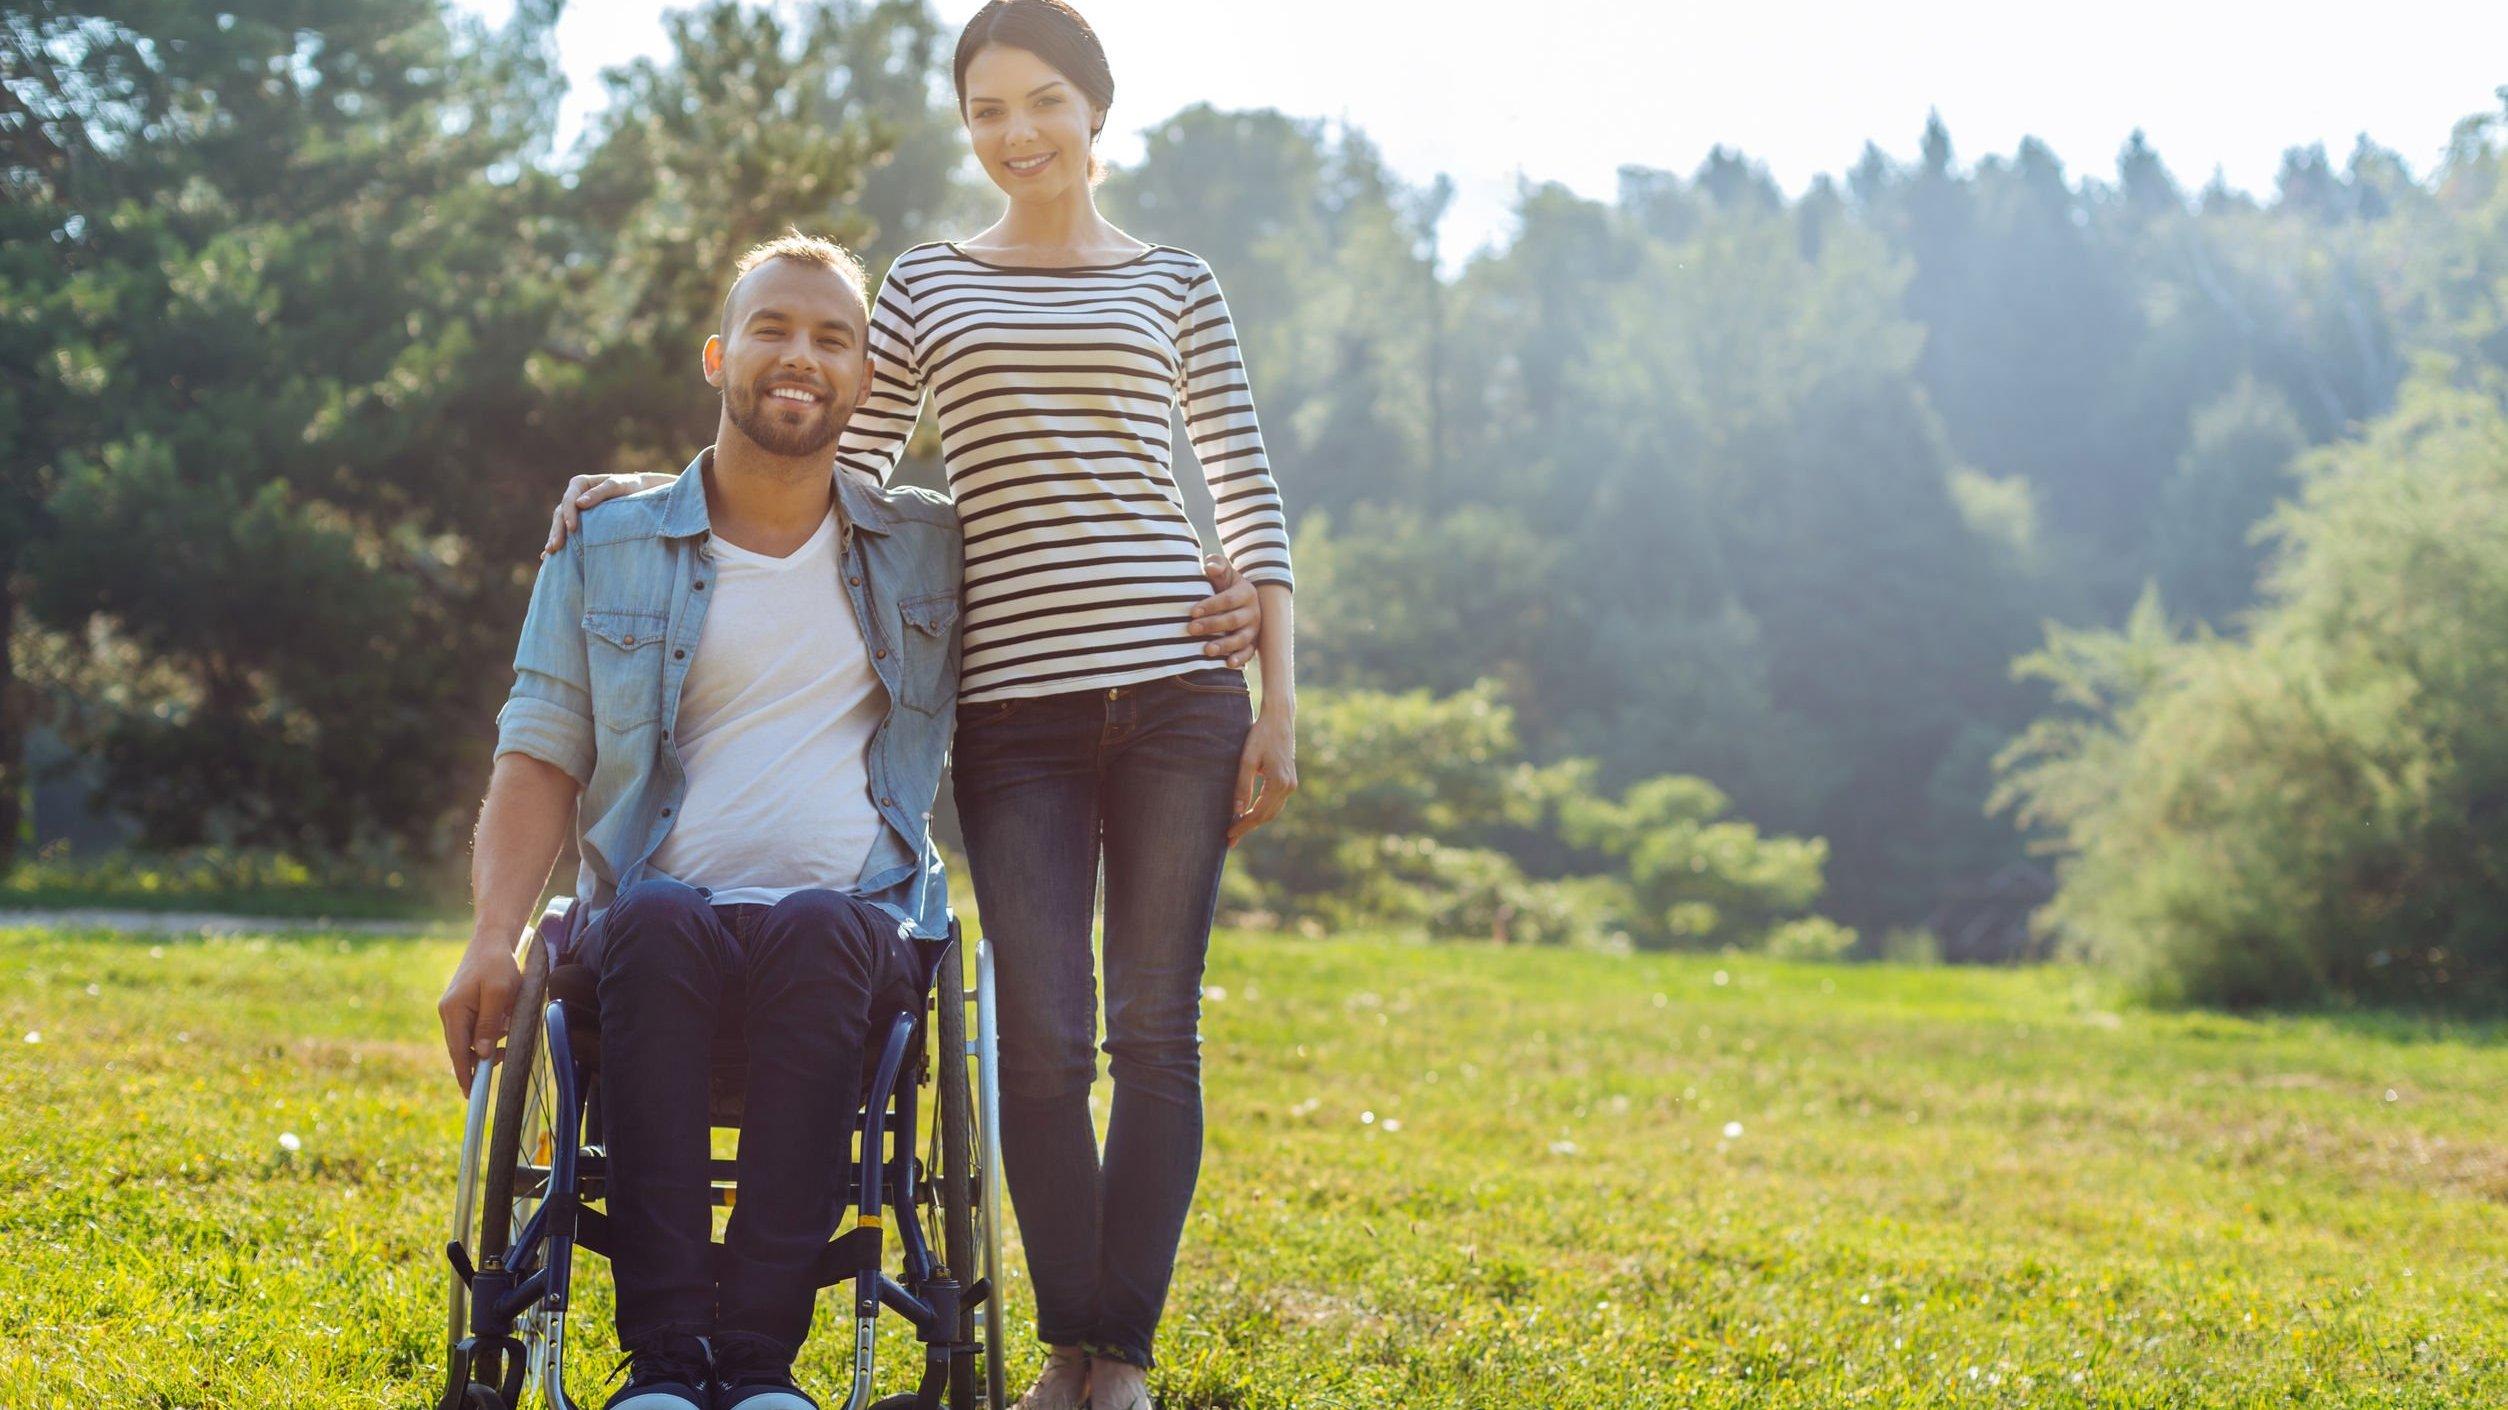 Homem em cadeira de rodas e mulher abraçada ao lado